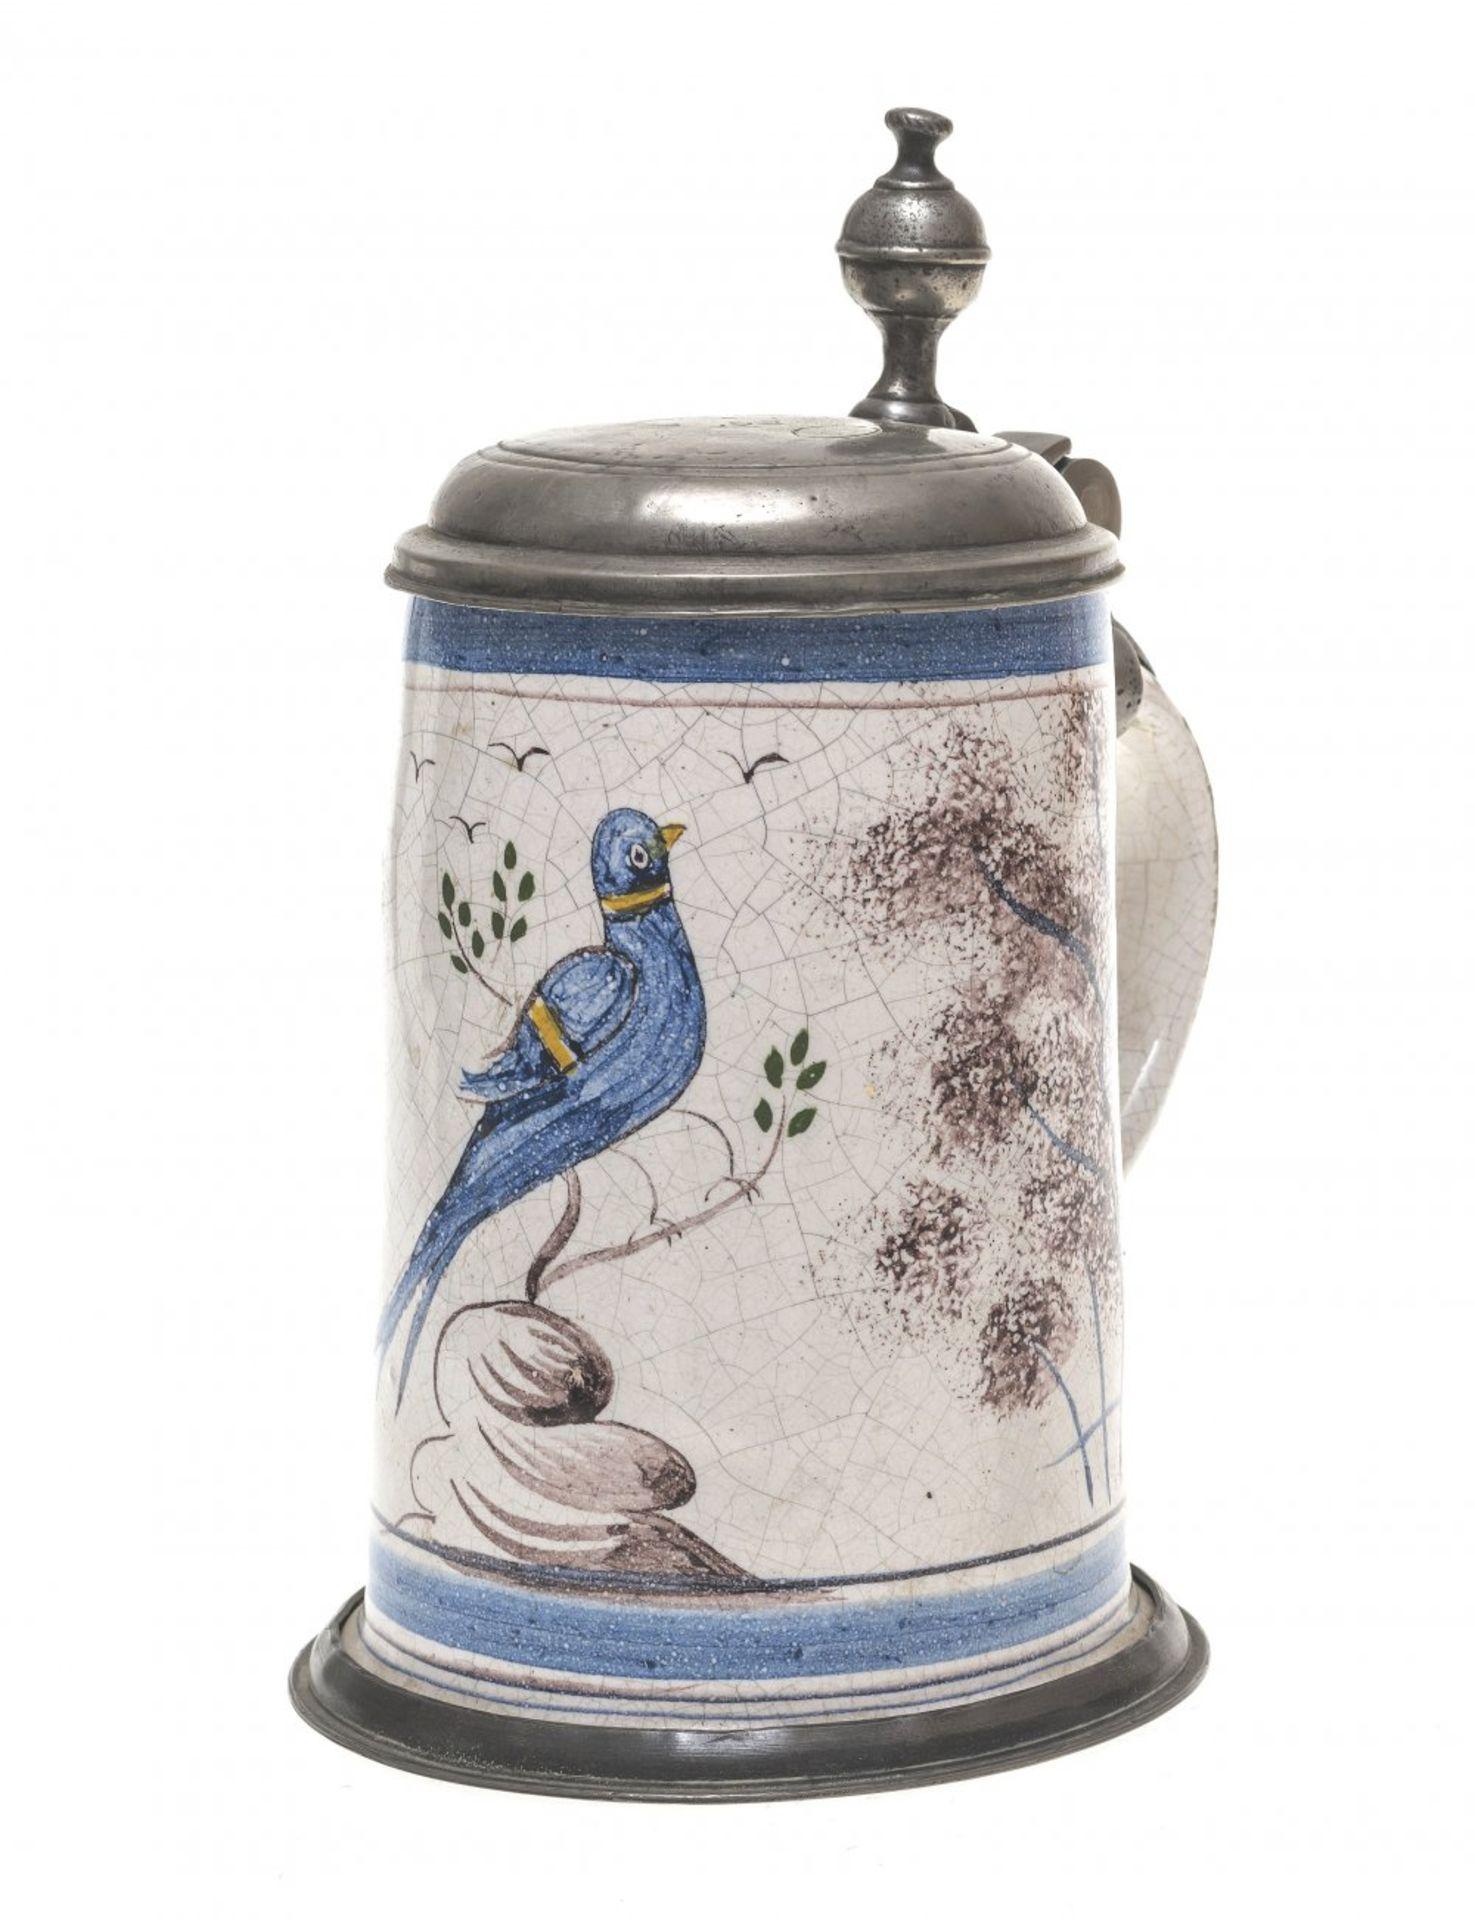 Los 21 - Kleiner WalzenkrugBayreuth(?), 19. Jh. Fayence, ZInndeckel. Farbige Malerei auf weißem Fond. Vogel